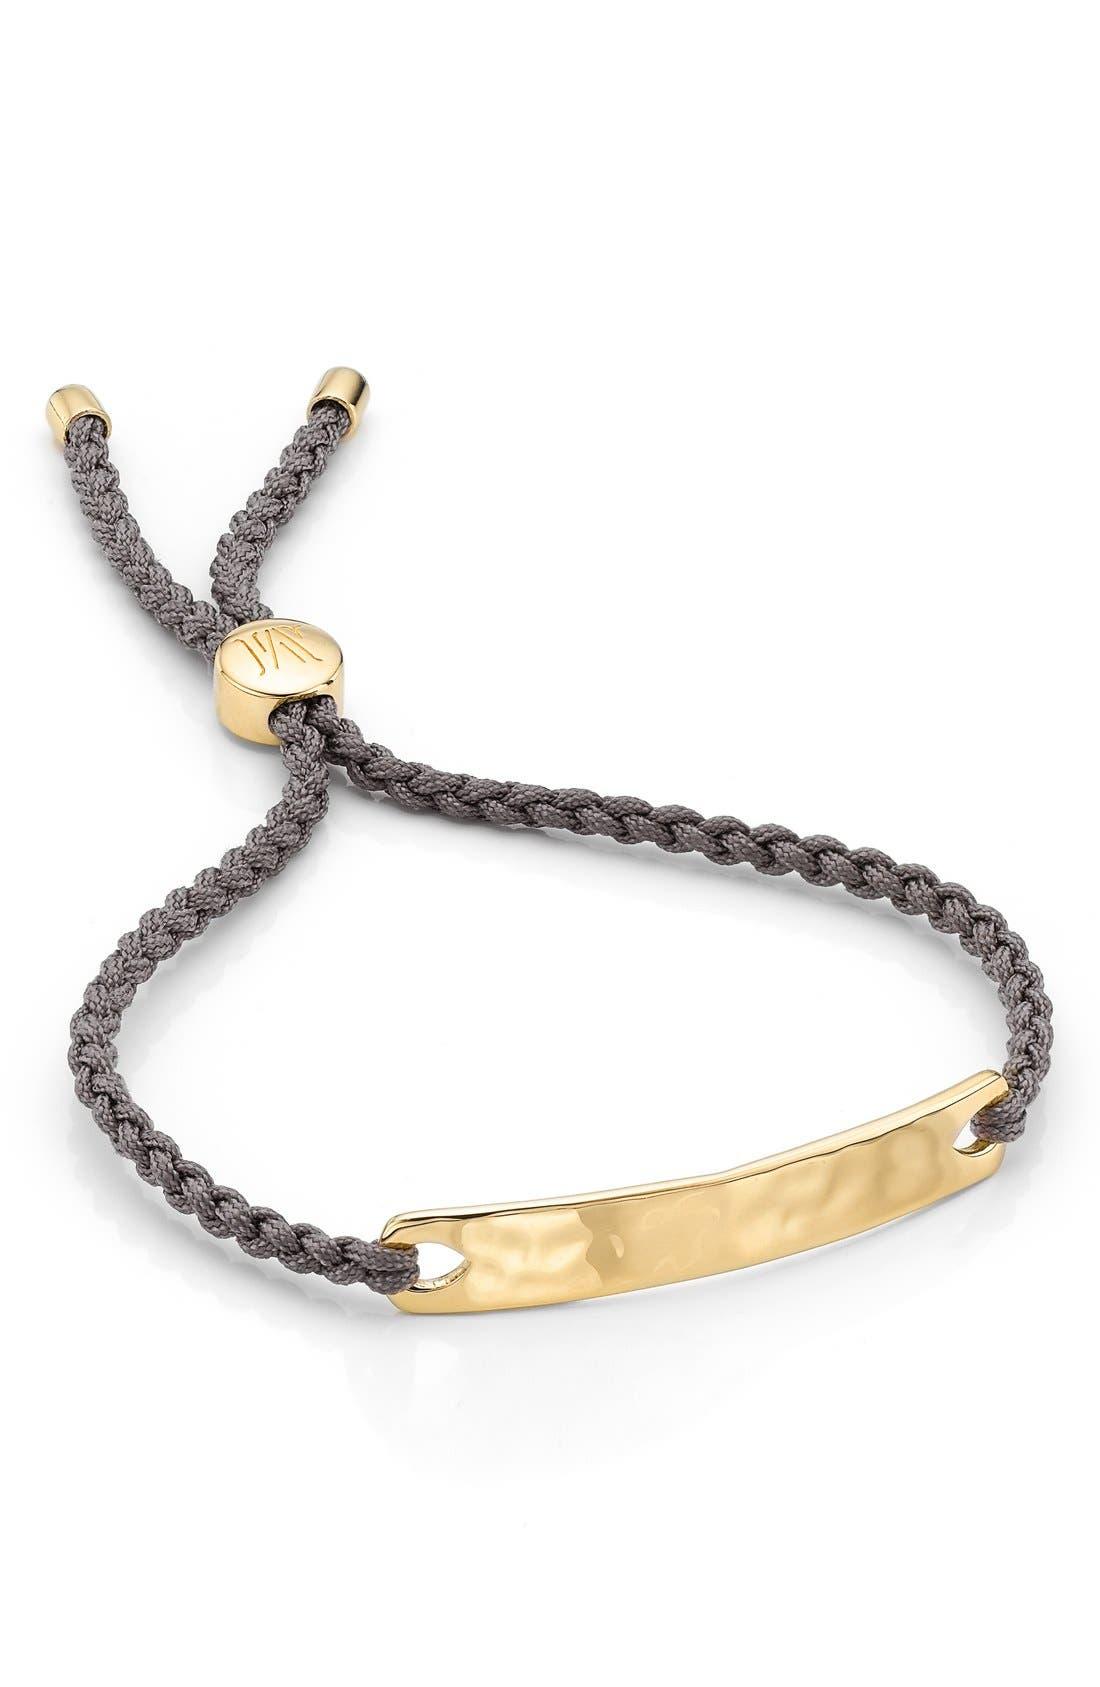 Engravable HavanaFriendship Bracelet,                         Main,                         color, YELLOW GOLD/ MINK